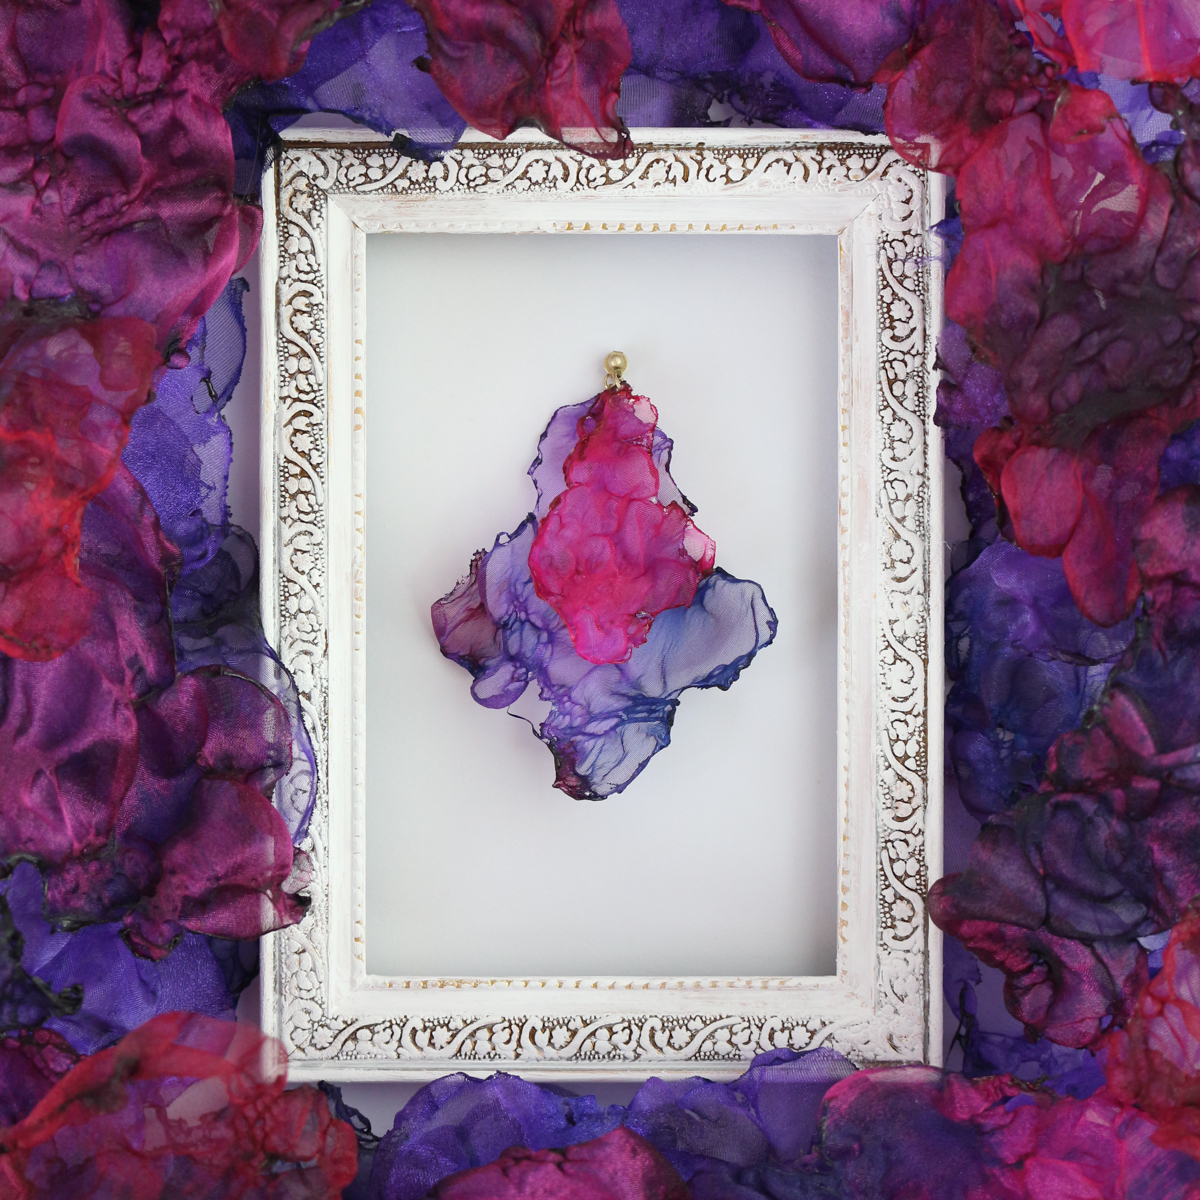 『夢想』魅惑の炎 no,4 |赤と紫のゆれるアートピアス